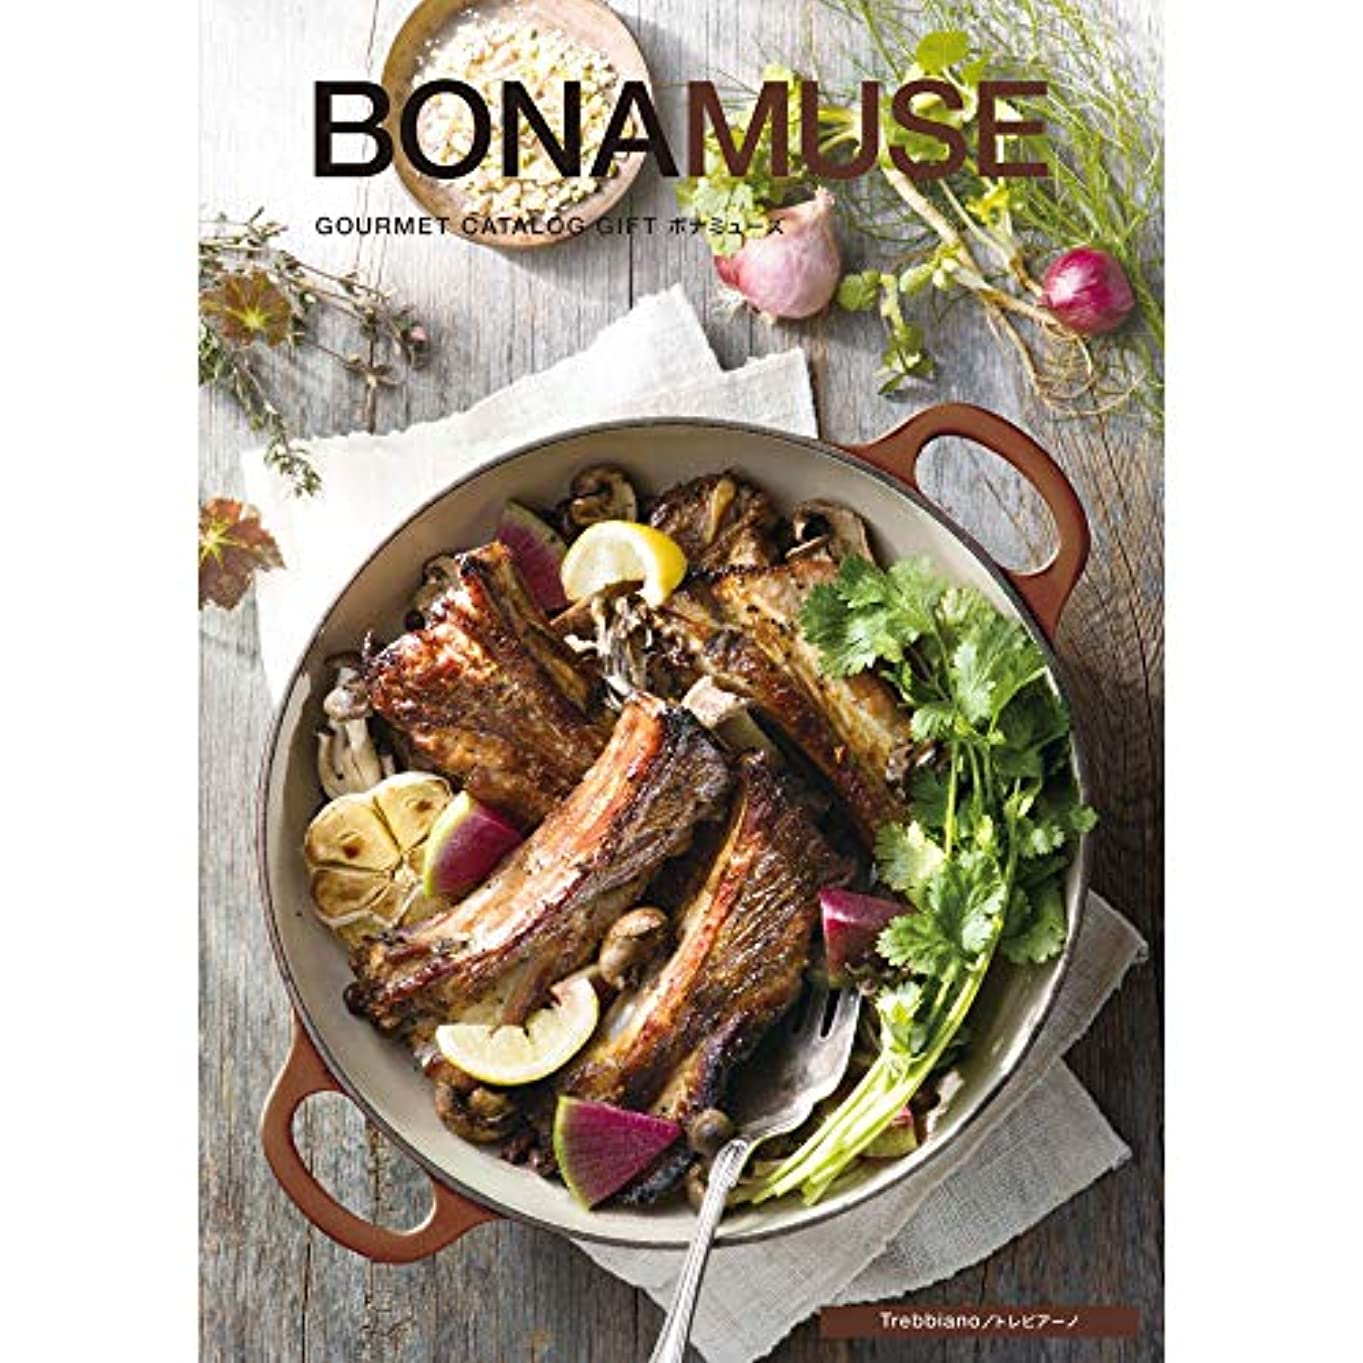 過敏なシャーマットレスシャディ グルメカタログギフト BONAMUSE (ボナミューズ) トレビアーノ 包装紙:レガロ